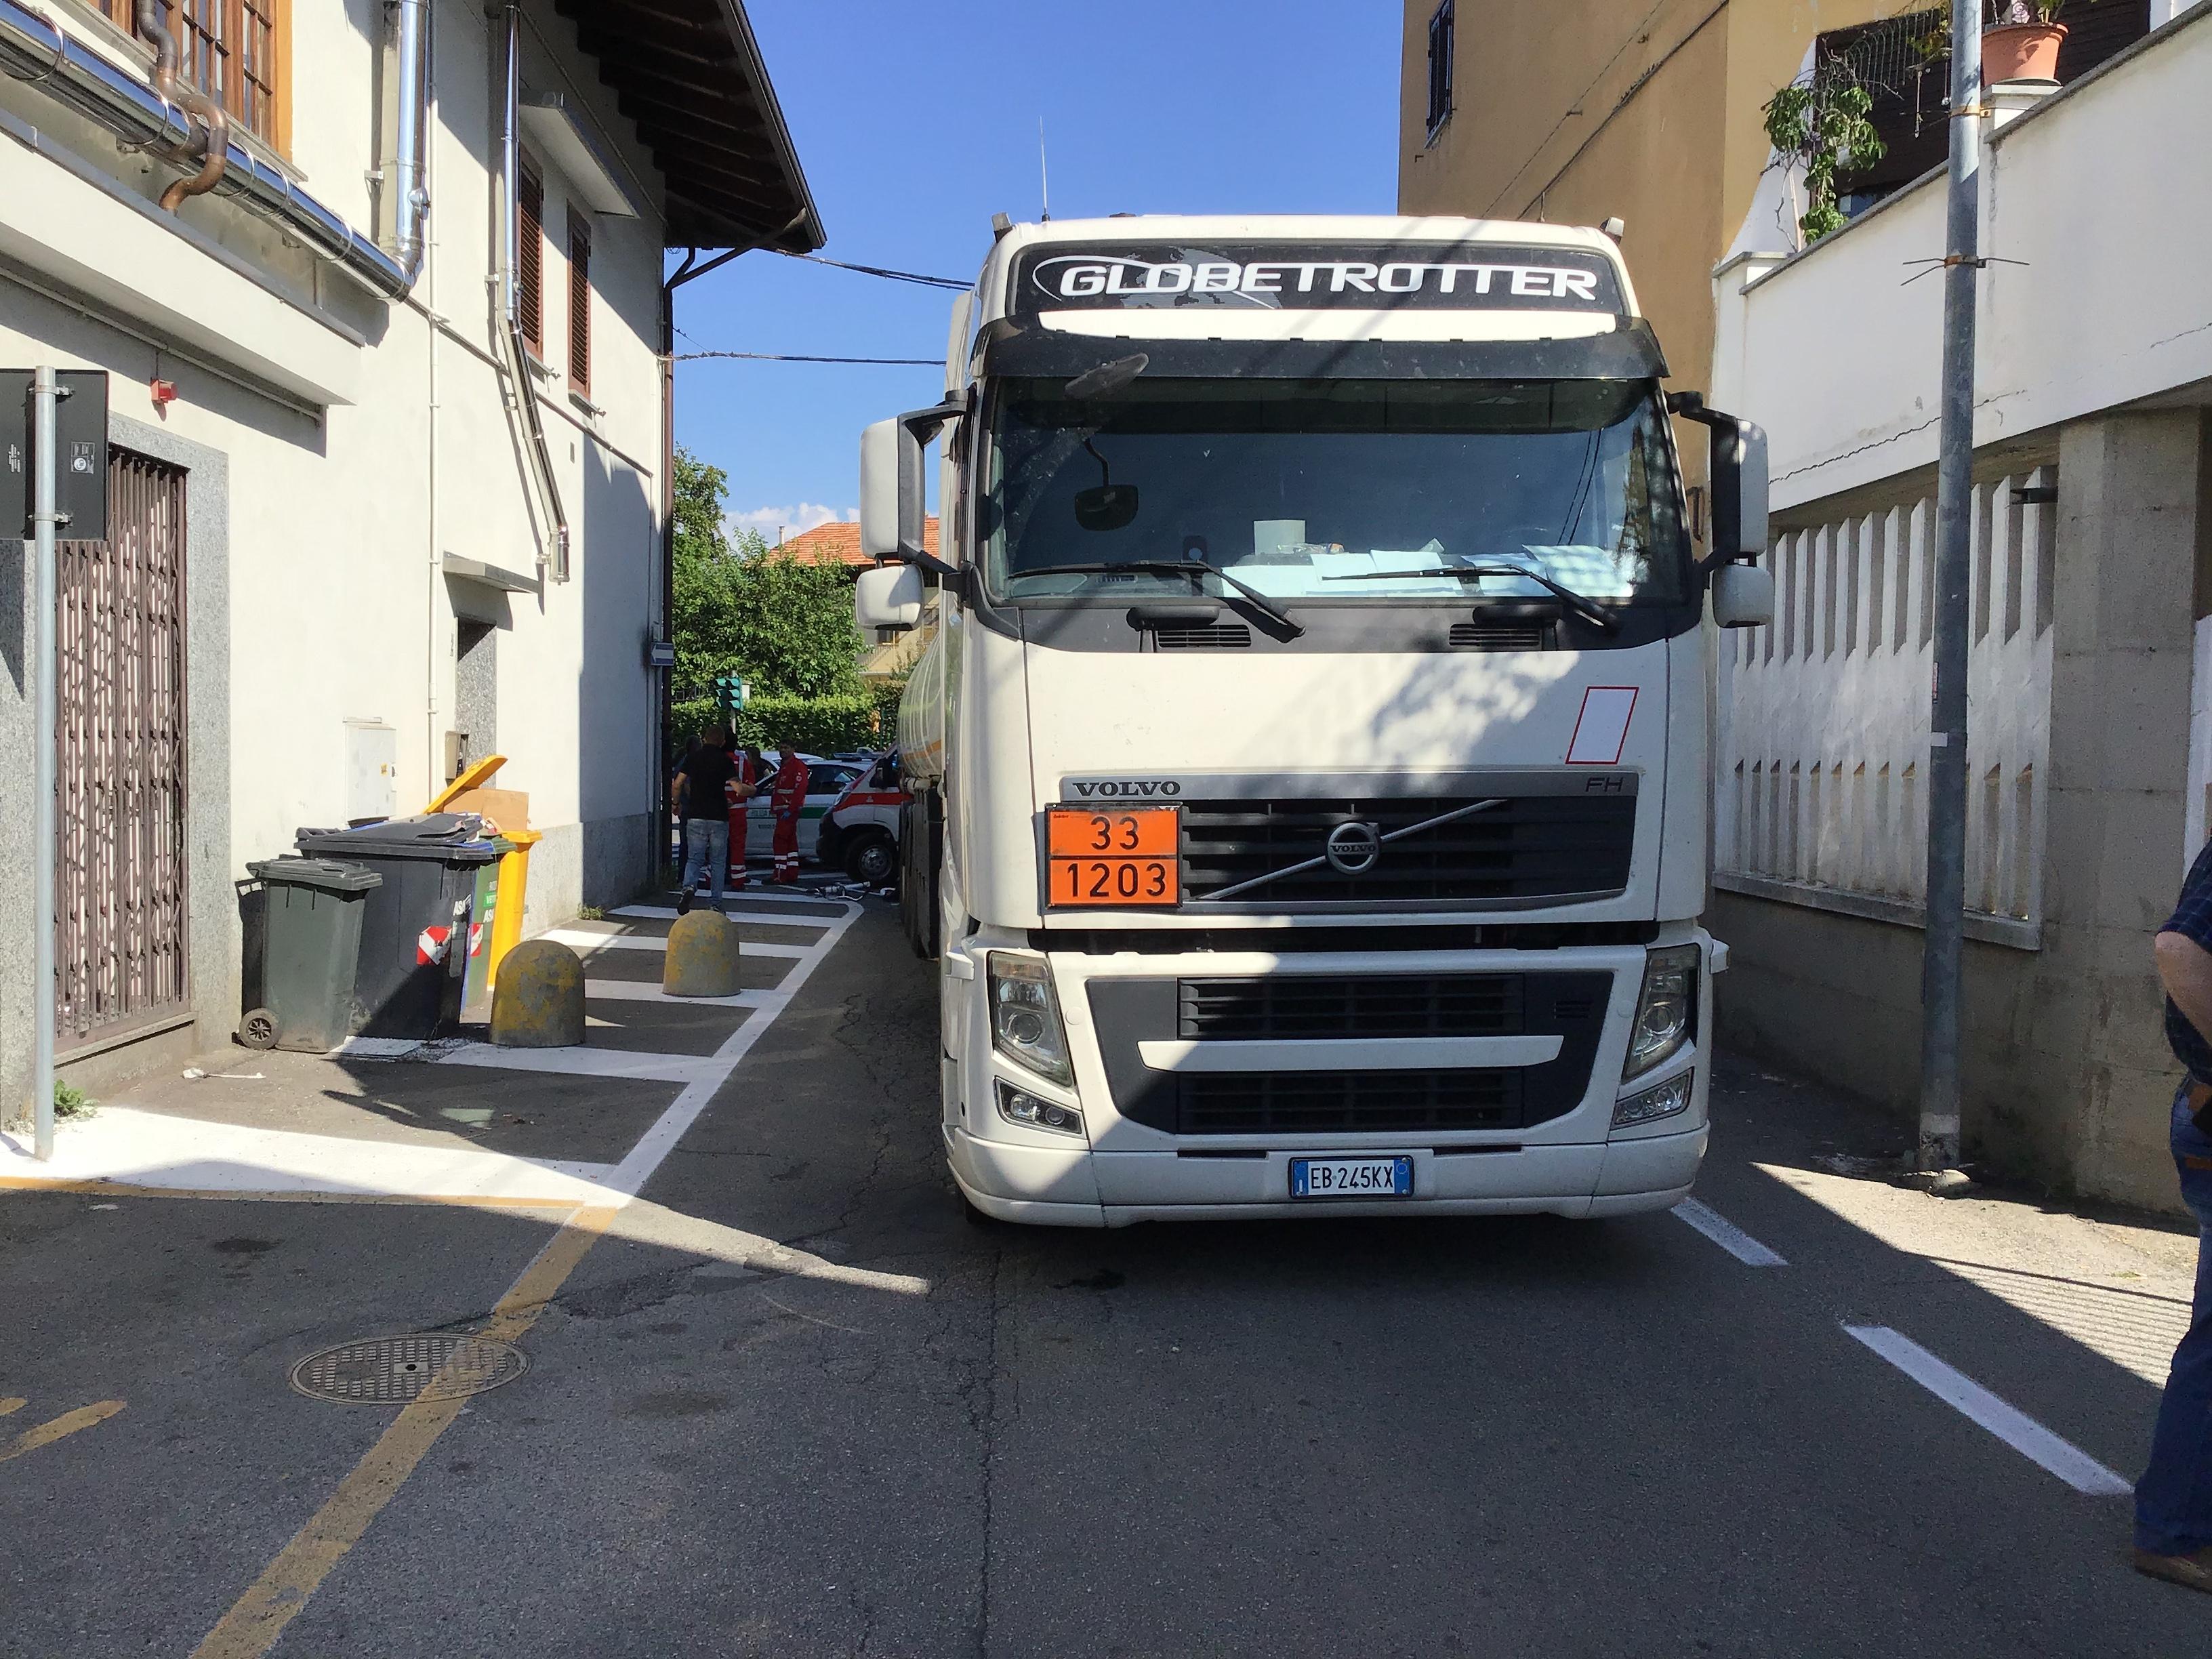 RIVAROLO CANAVESE - Incidente mortale: indagato per omicidio stradale l'autista del camion cisterna